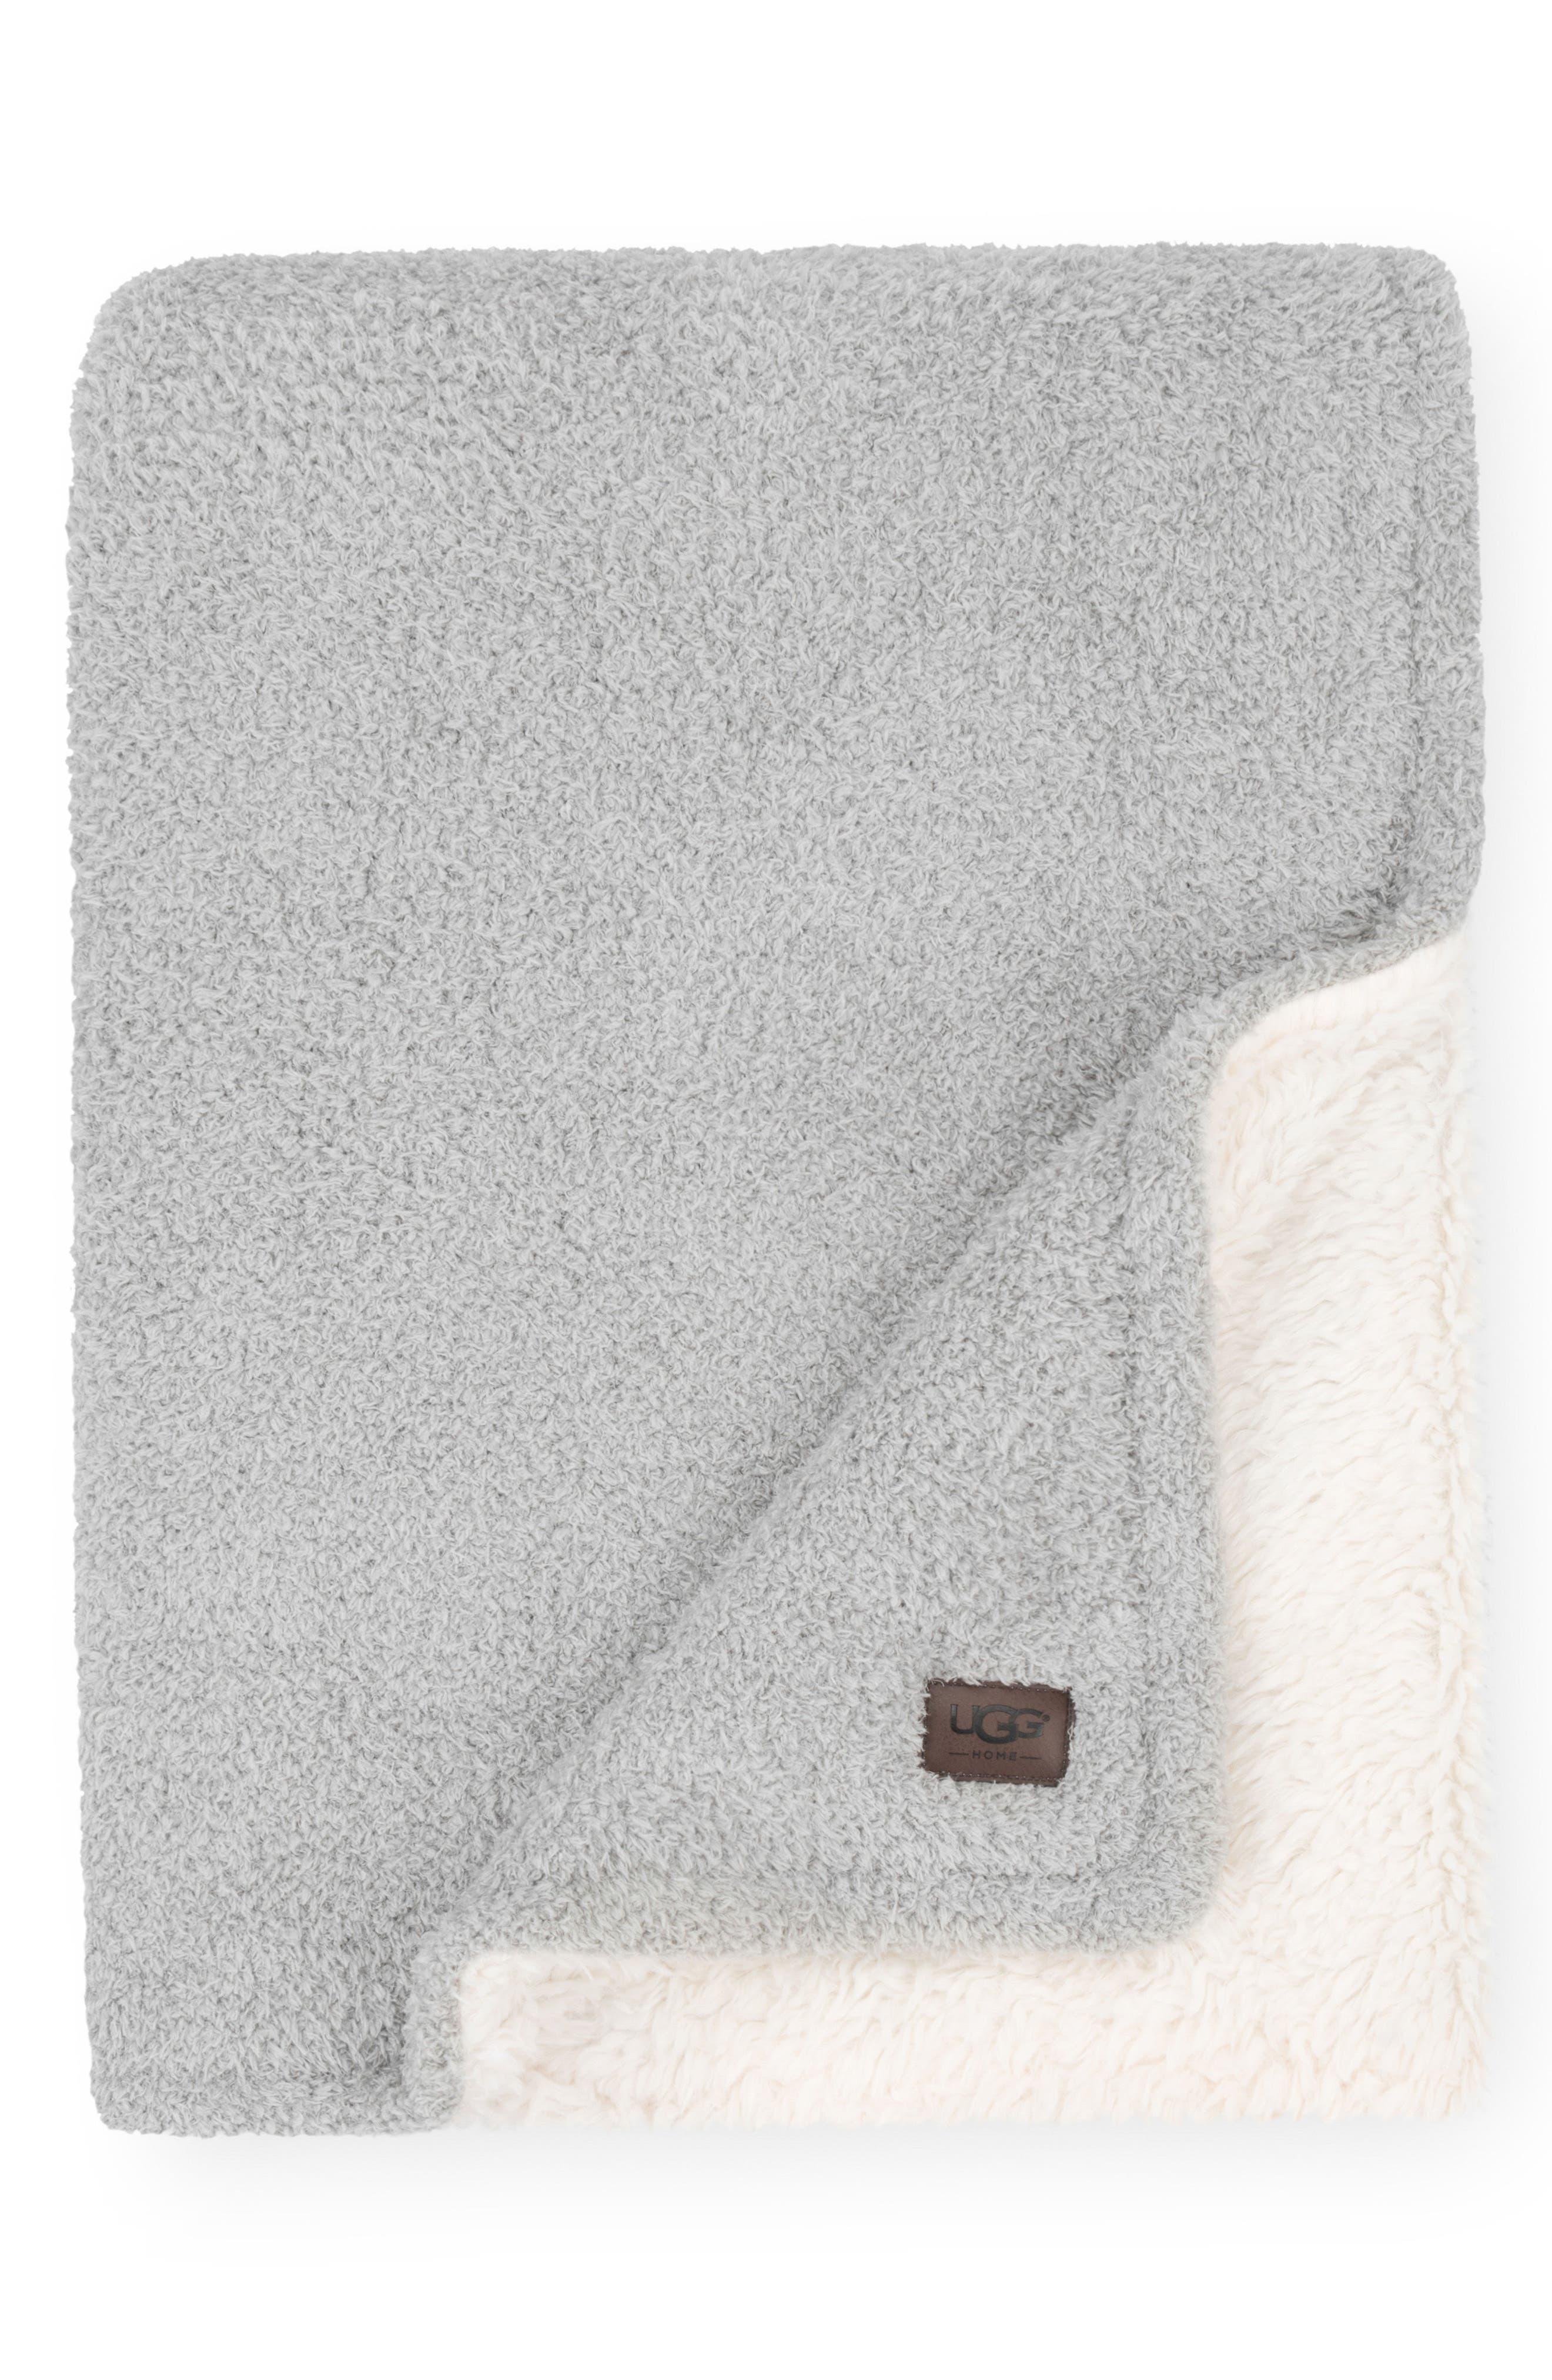 Ana Faux Shearling Throw,                             Main thumbnail 1, color,                             Seal Grey